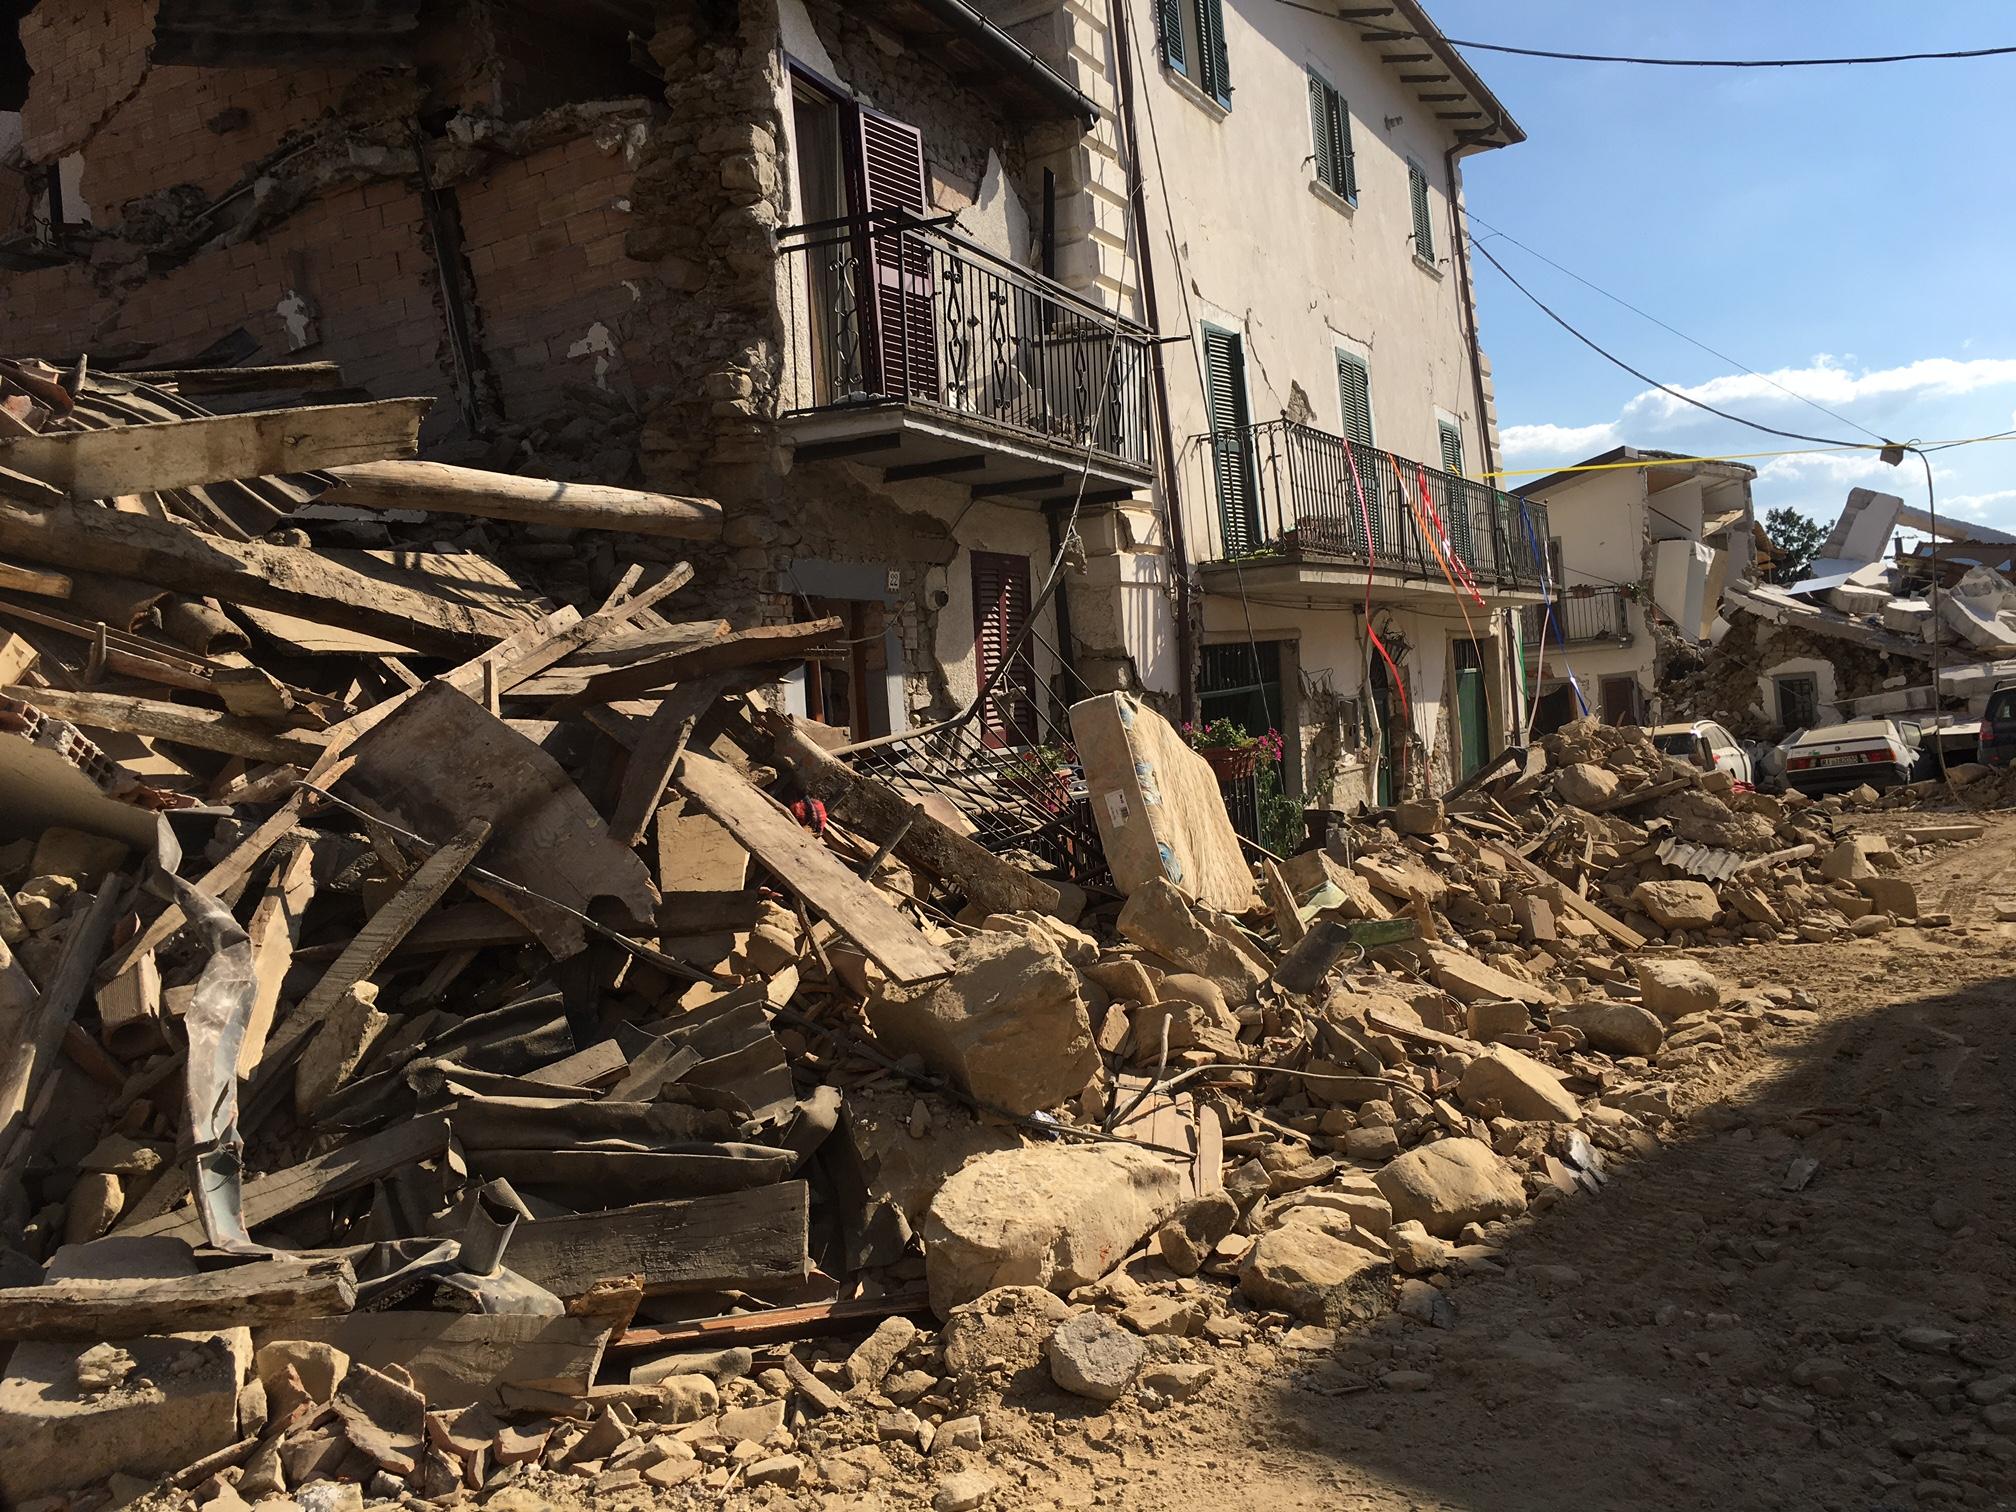 Italy quake - Sbox photo of Amatrice wreckage